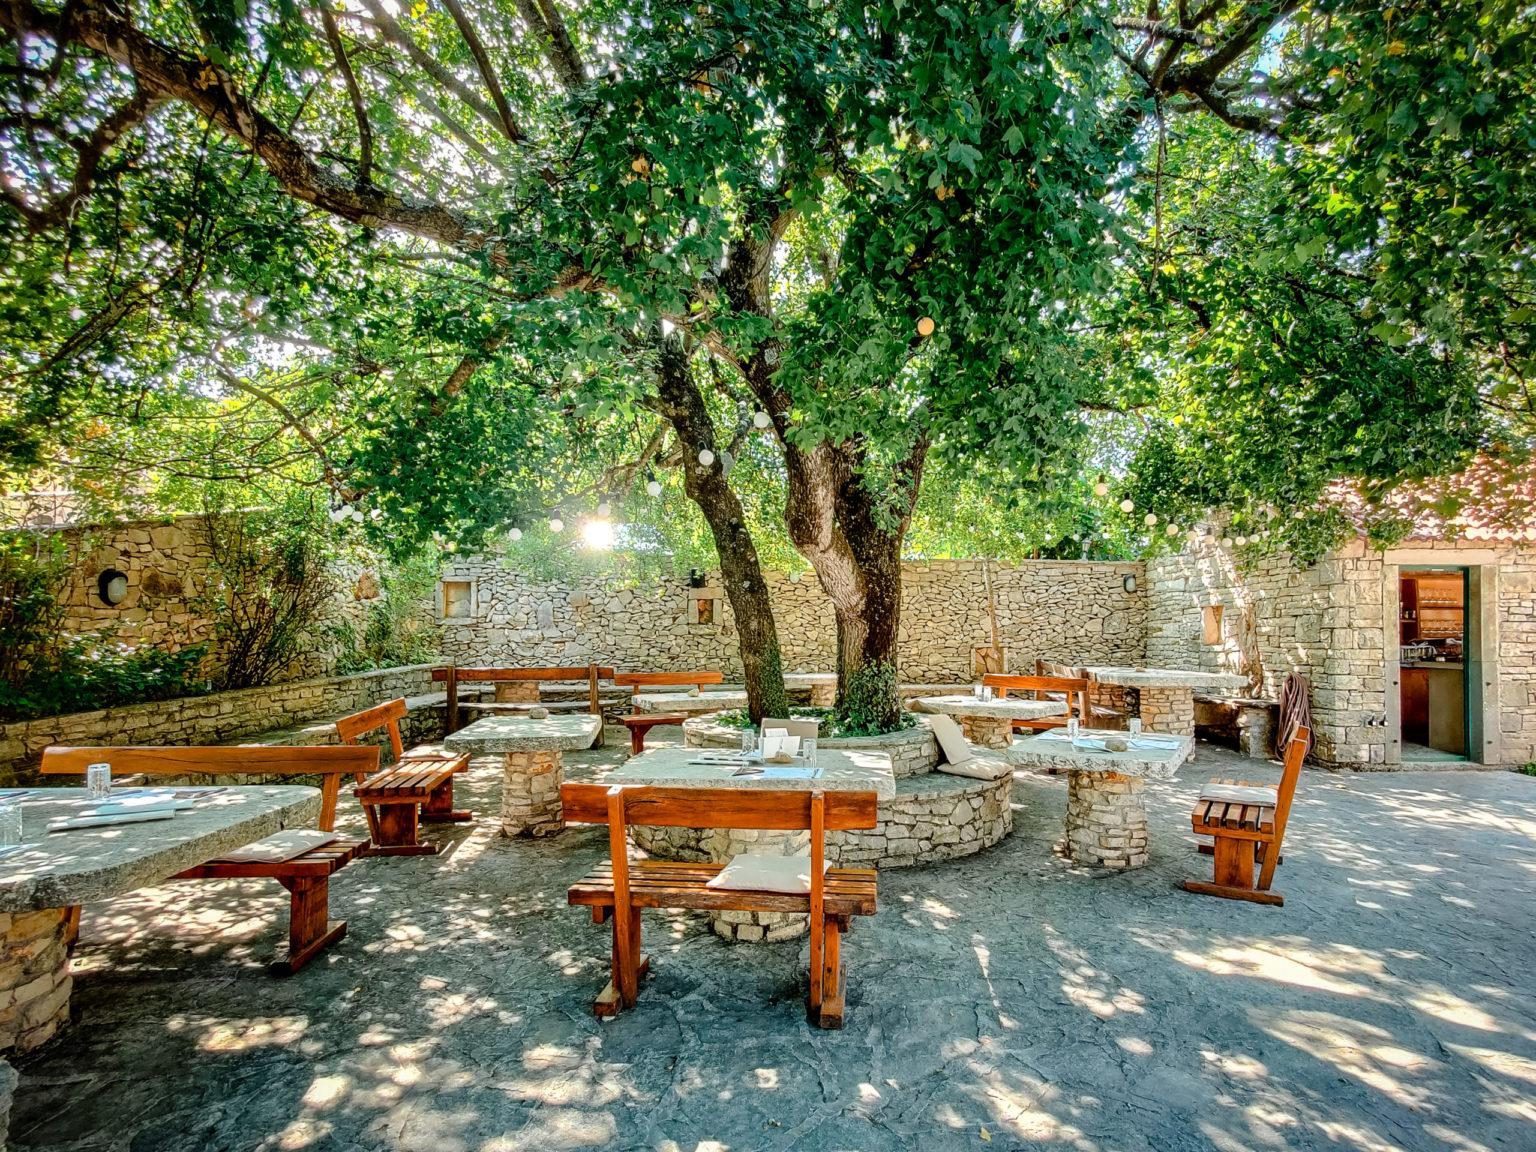 hochzeitslocation Kroatien location hochzeit heiraten 7 2 scaled - Stone House